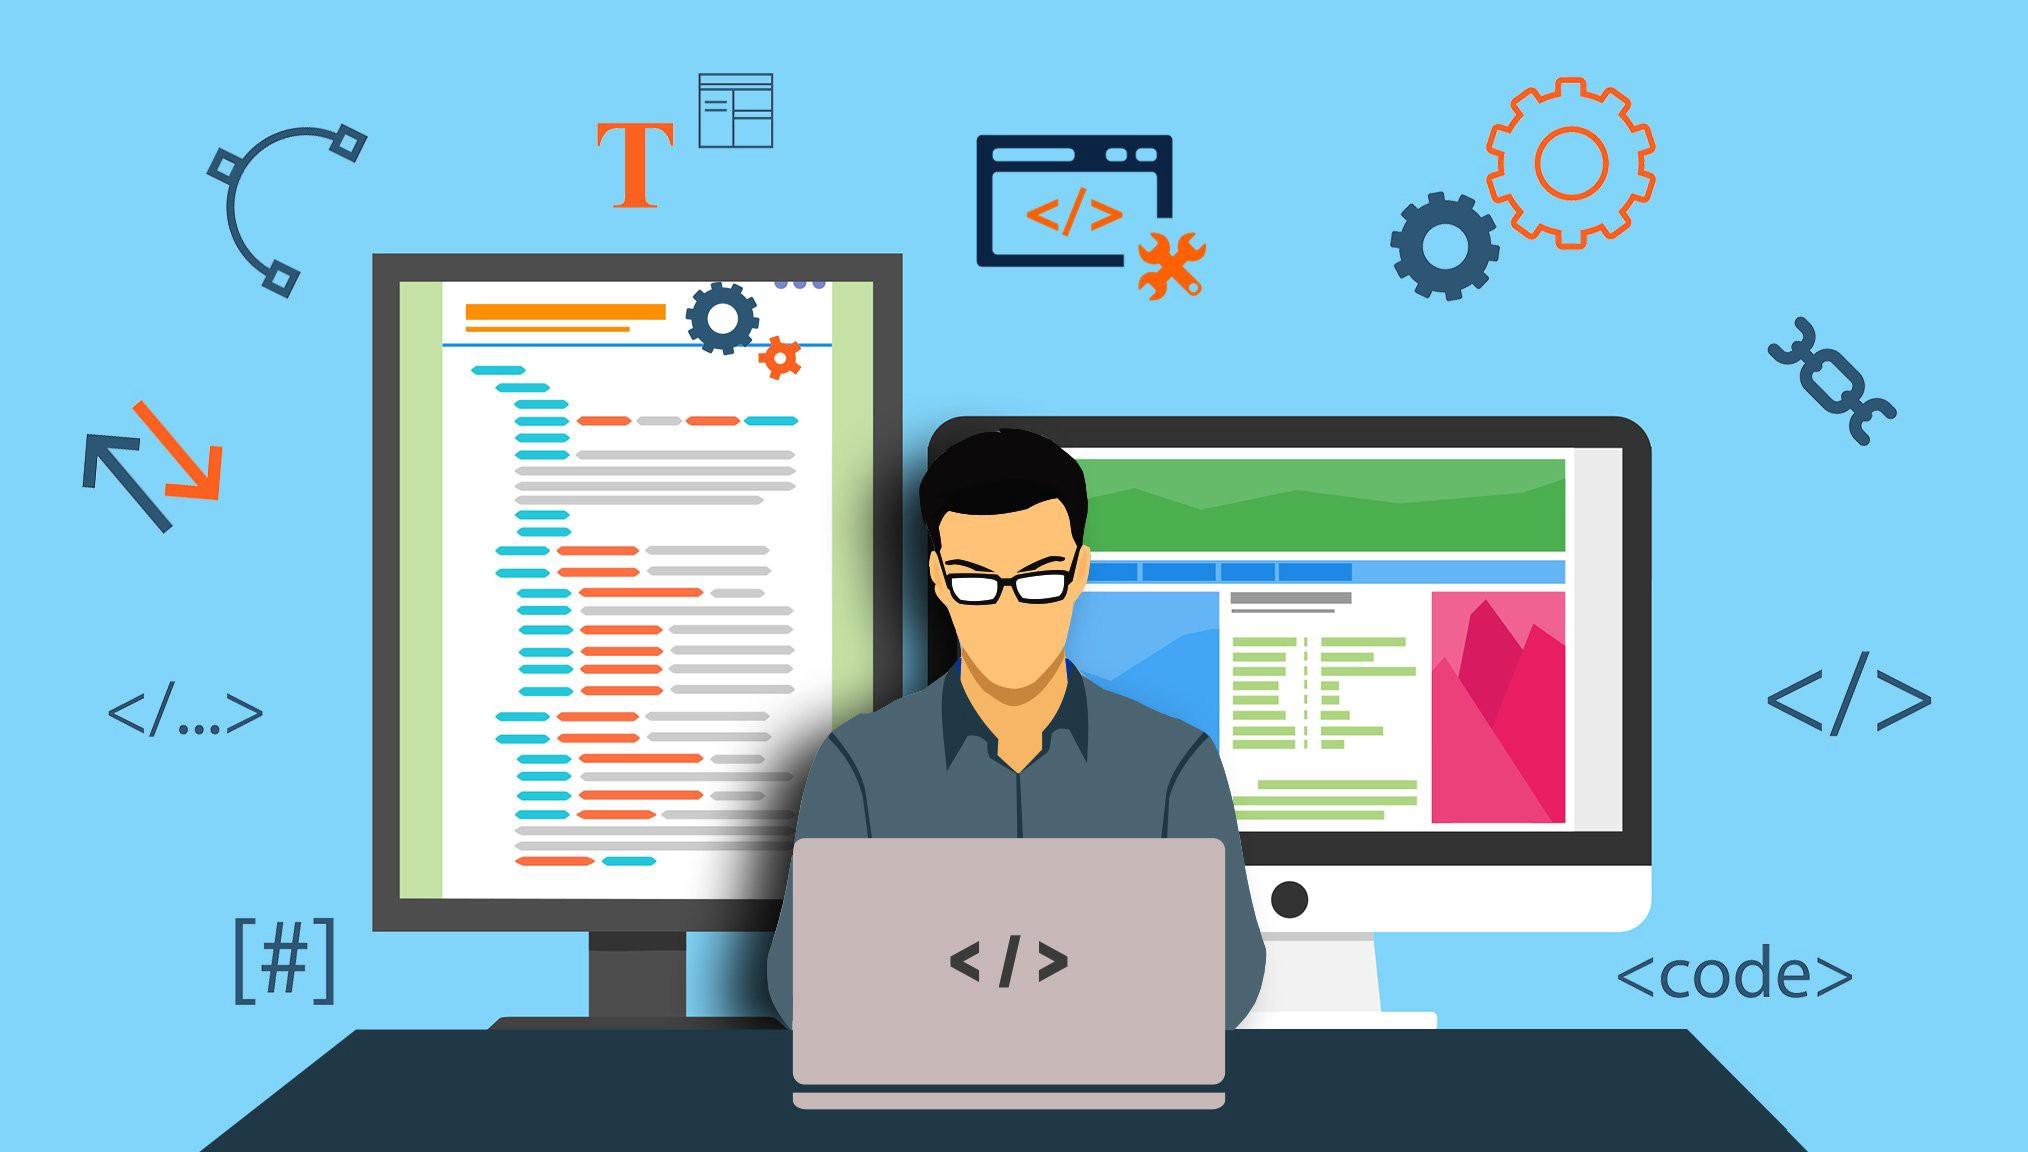 Θέση εργασίας στην Ξάνθη - Ζητείται Web Developer